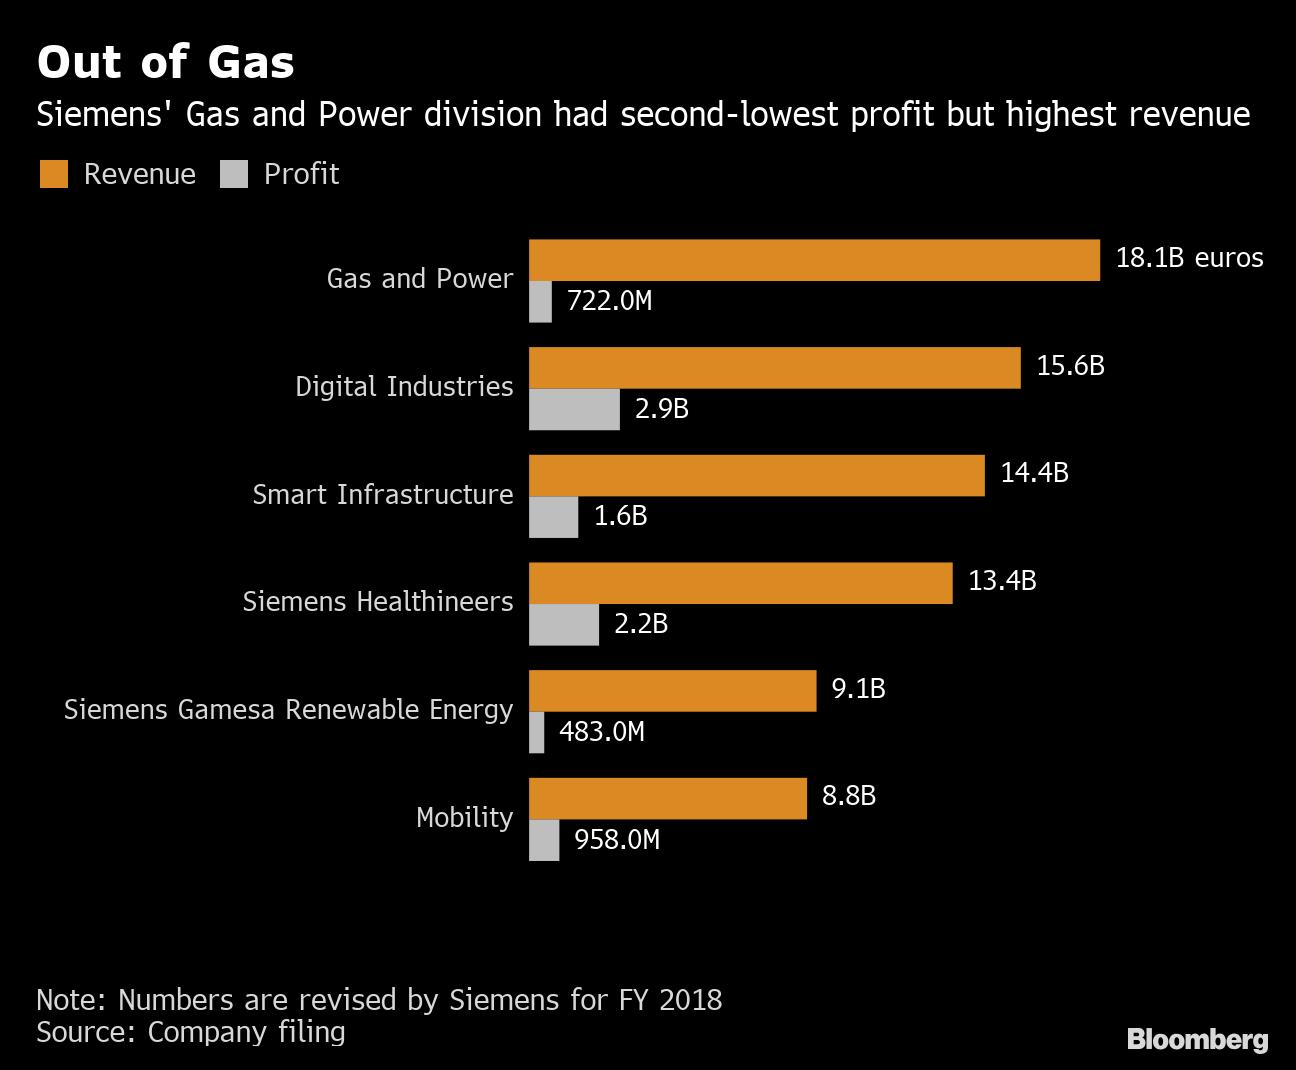 Siemens Plans Listing of Energy Unit, Tops Profit Estimates